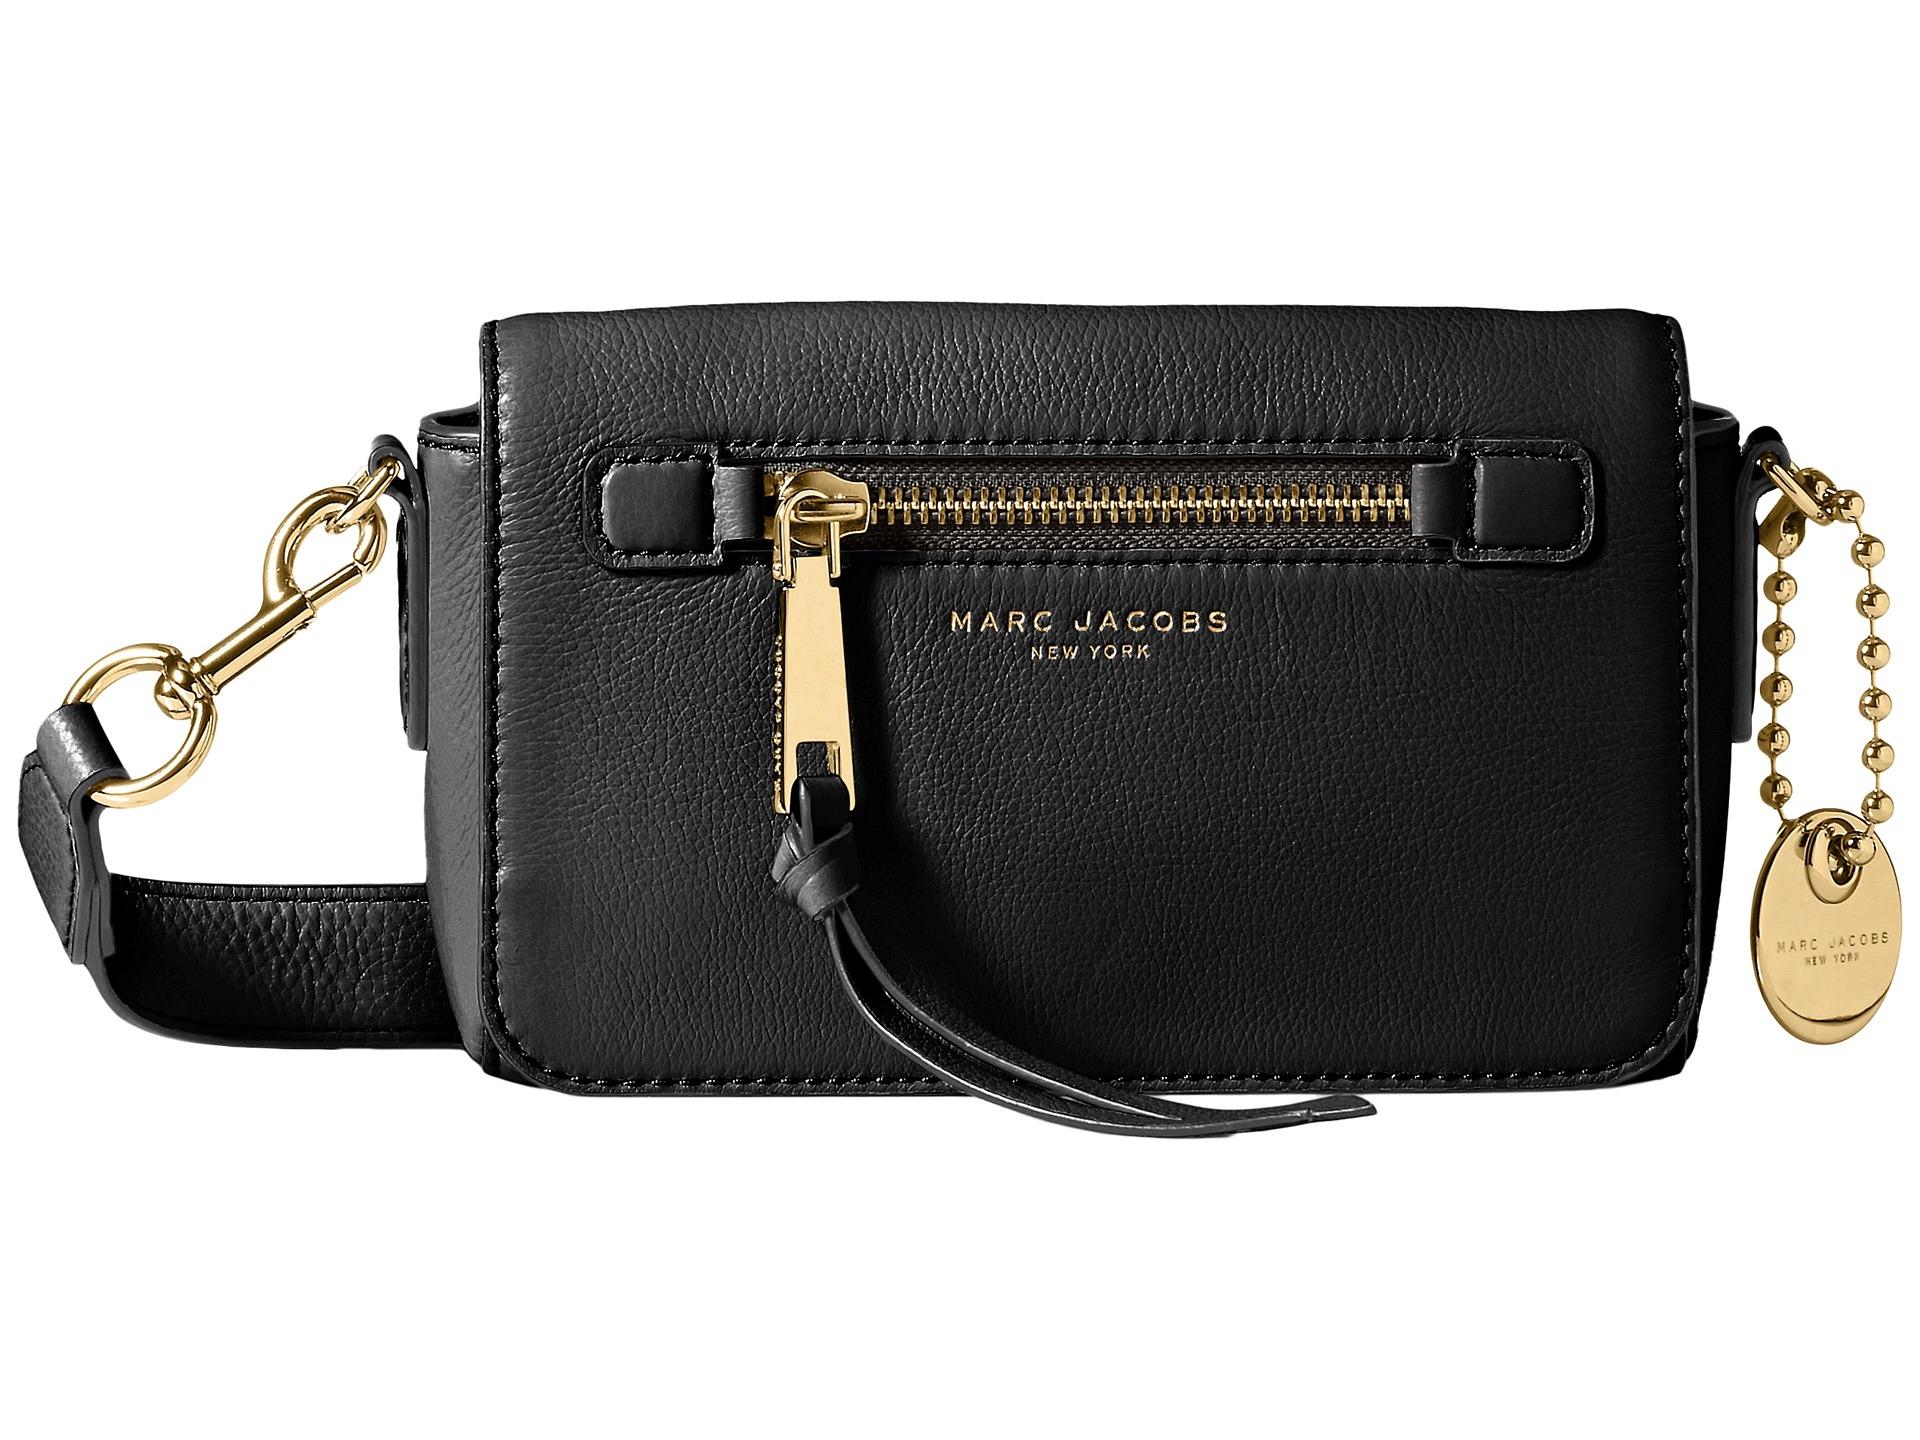 Сумки Marc Jacobs - сумка Marc Jacobs MMJ-B3713 0b67864319e